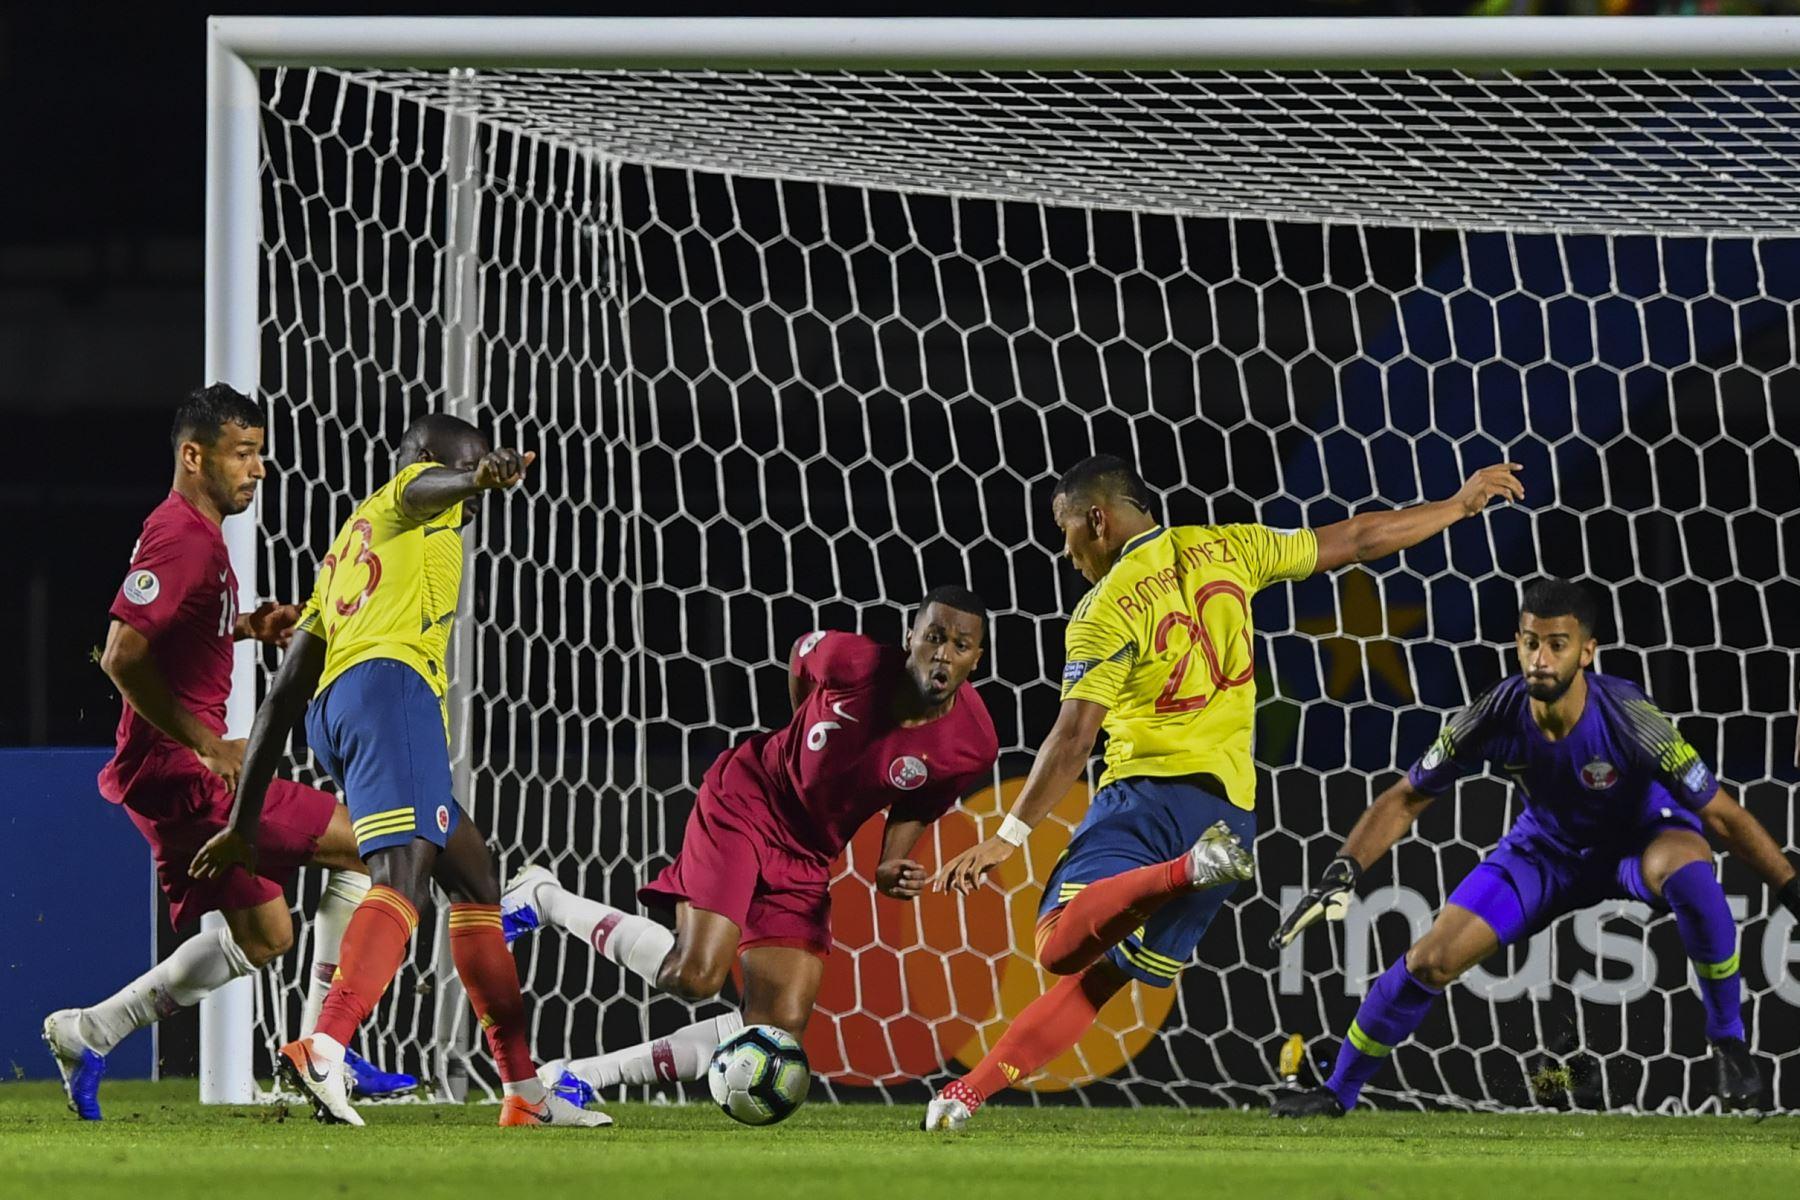 Roger Martínez (2-R) de Colombia golpea el balón mientras el portero de Qatar Saad Sheeb (R) observa durante su partido de torneo de fútbol de la Copa América en el estadio Cicero Pompeu de Toledo  en Sao Paulo, Brasil. Foto: AFP